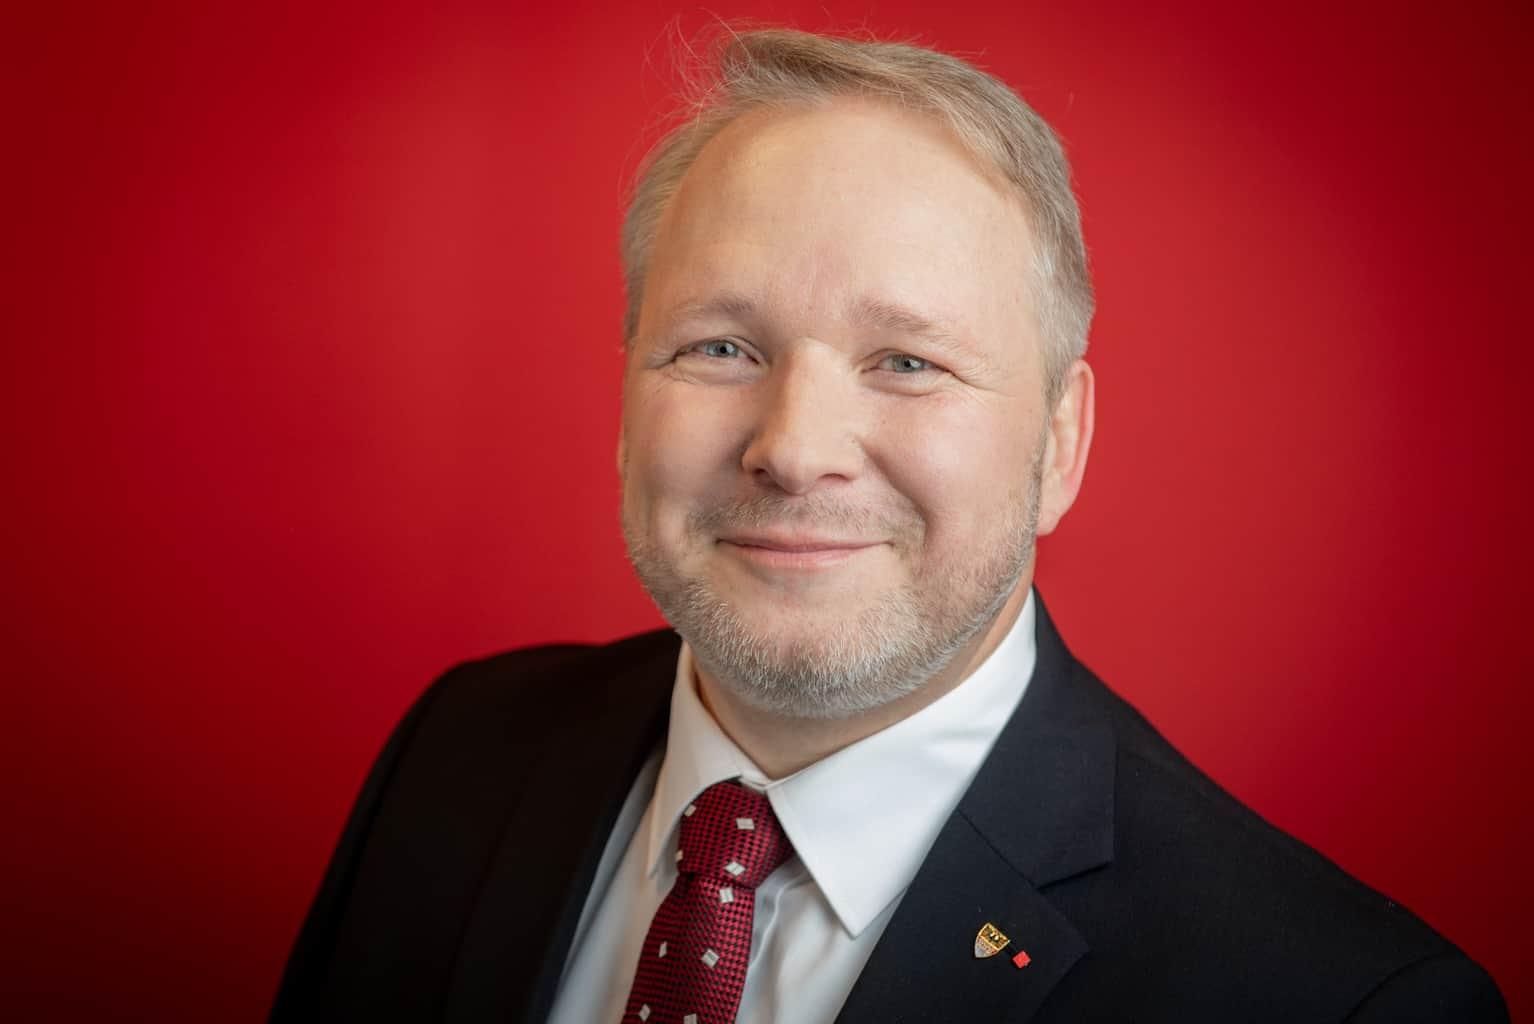 Torsten Steinke